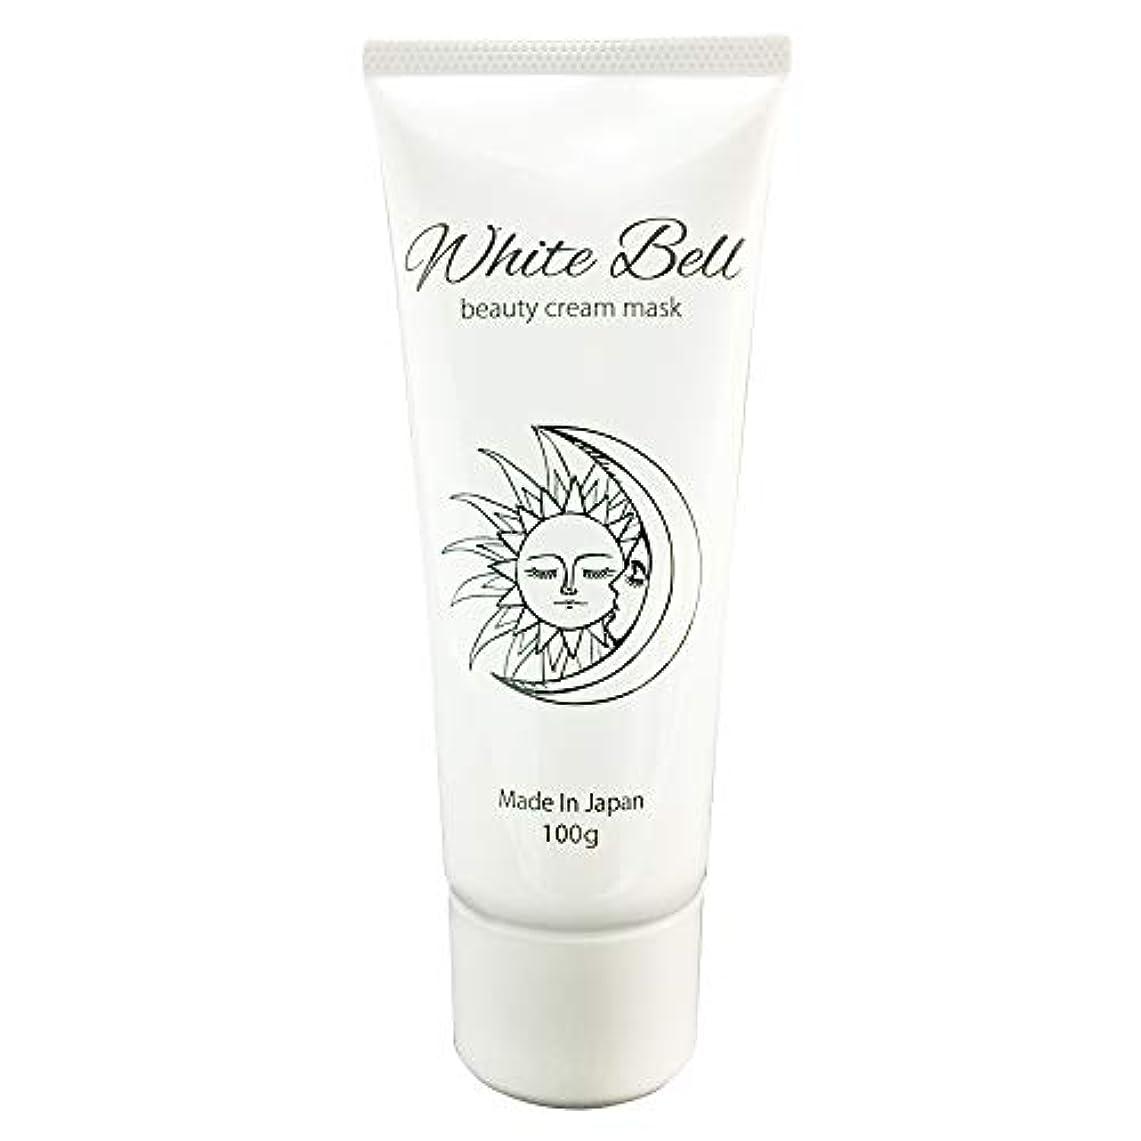 ゆでる役員ネックレスホワイトベル ビューティークリームマスク White-Bell beauty cream mask ナイトクリーム オールインワン